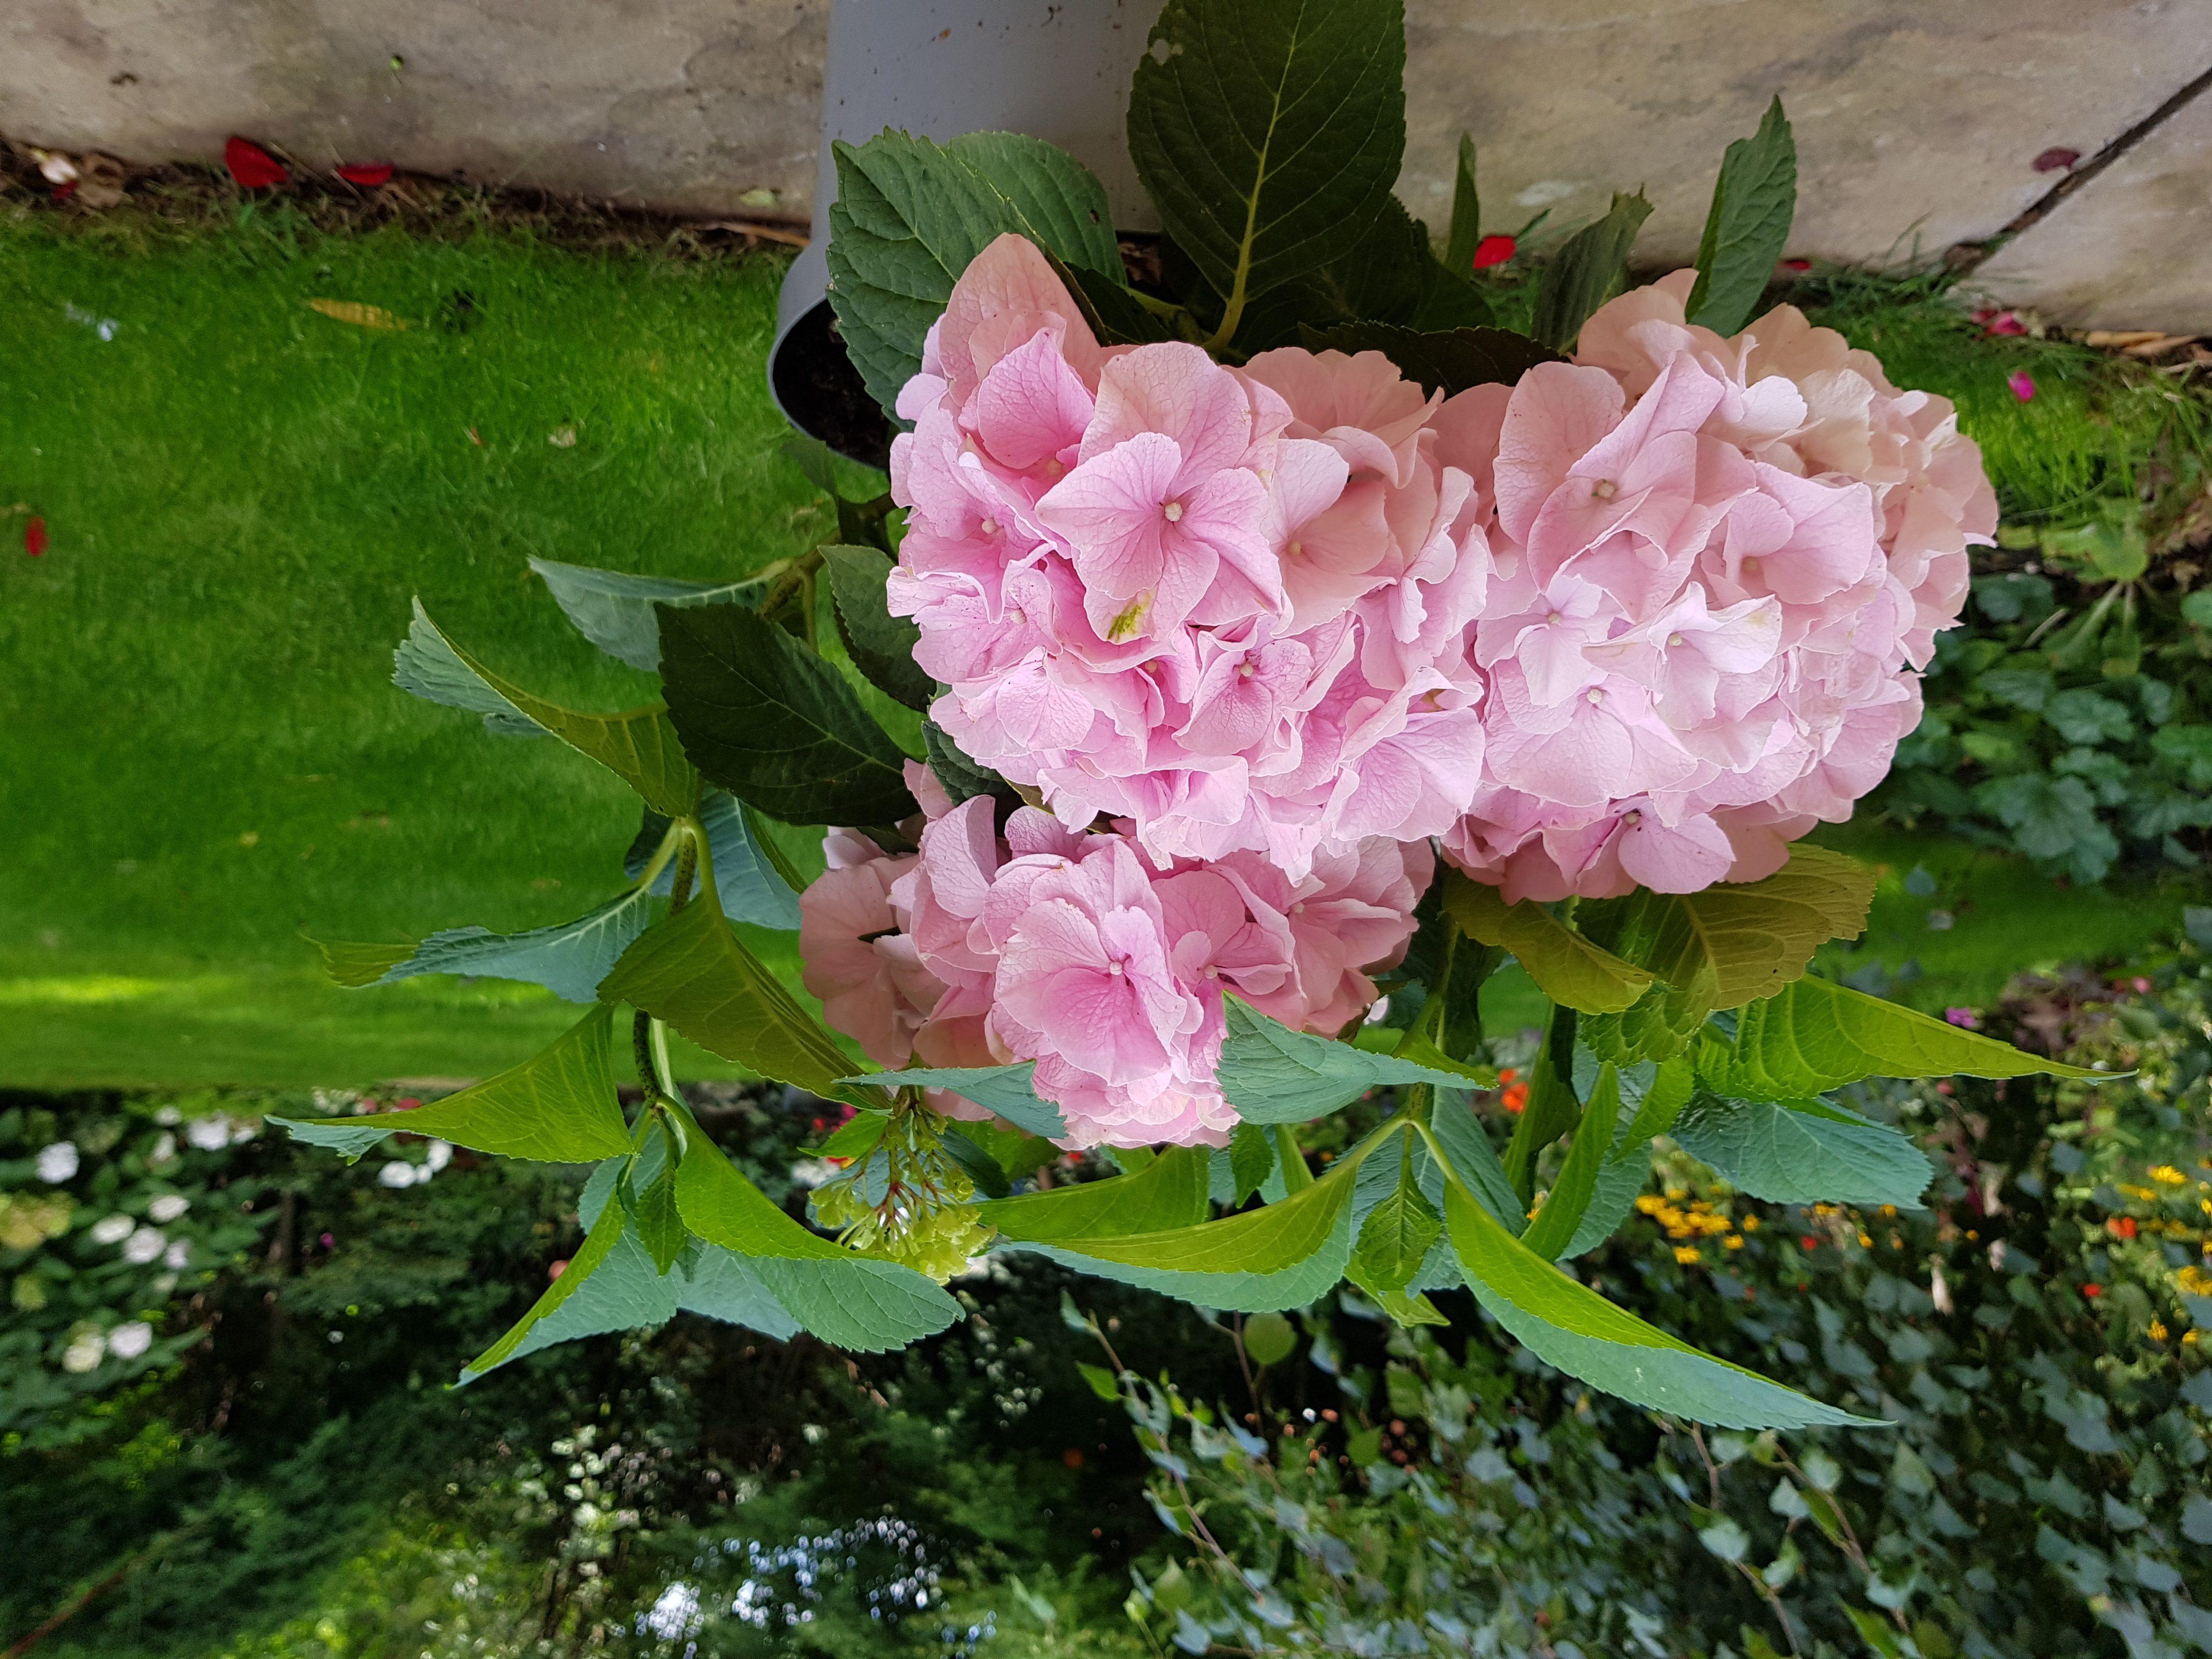 pink flowered Mophead shrub in garden